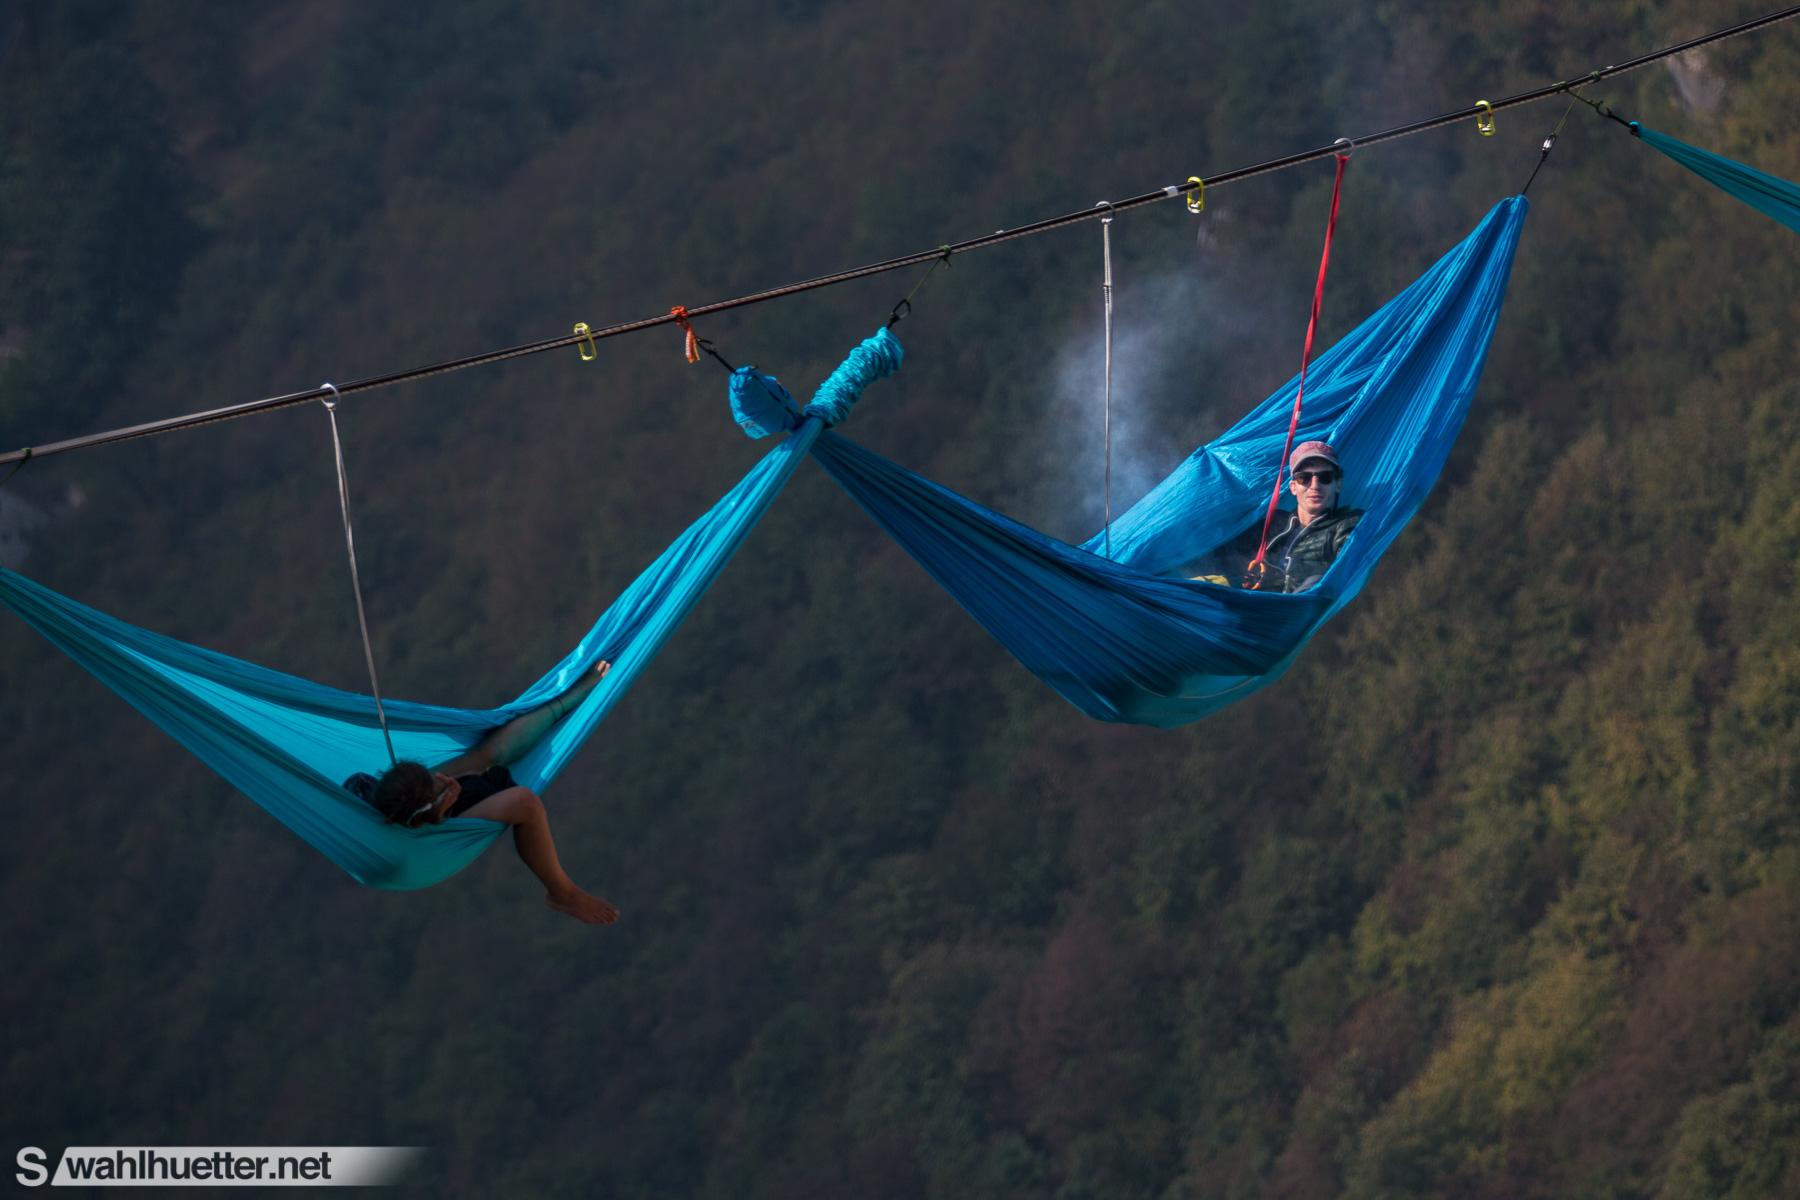 drill-chill-hammock-22